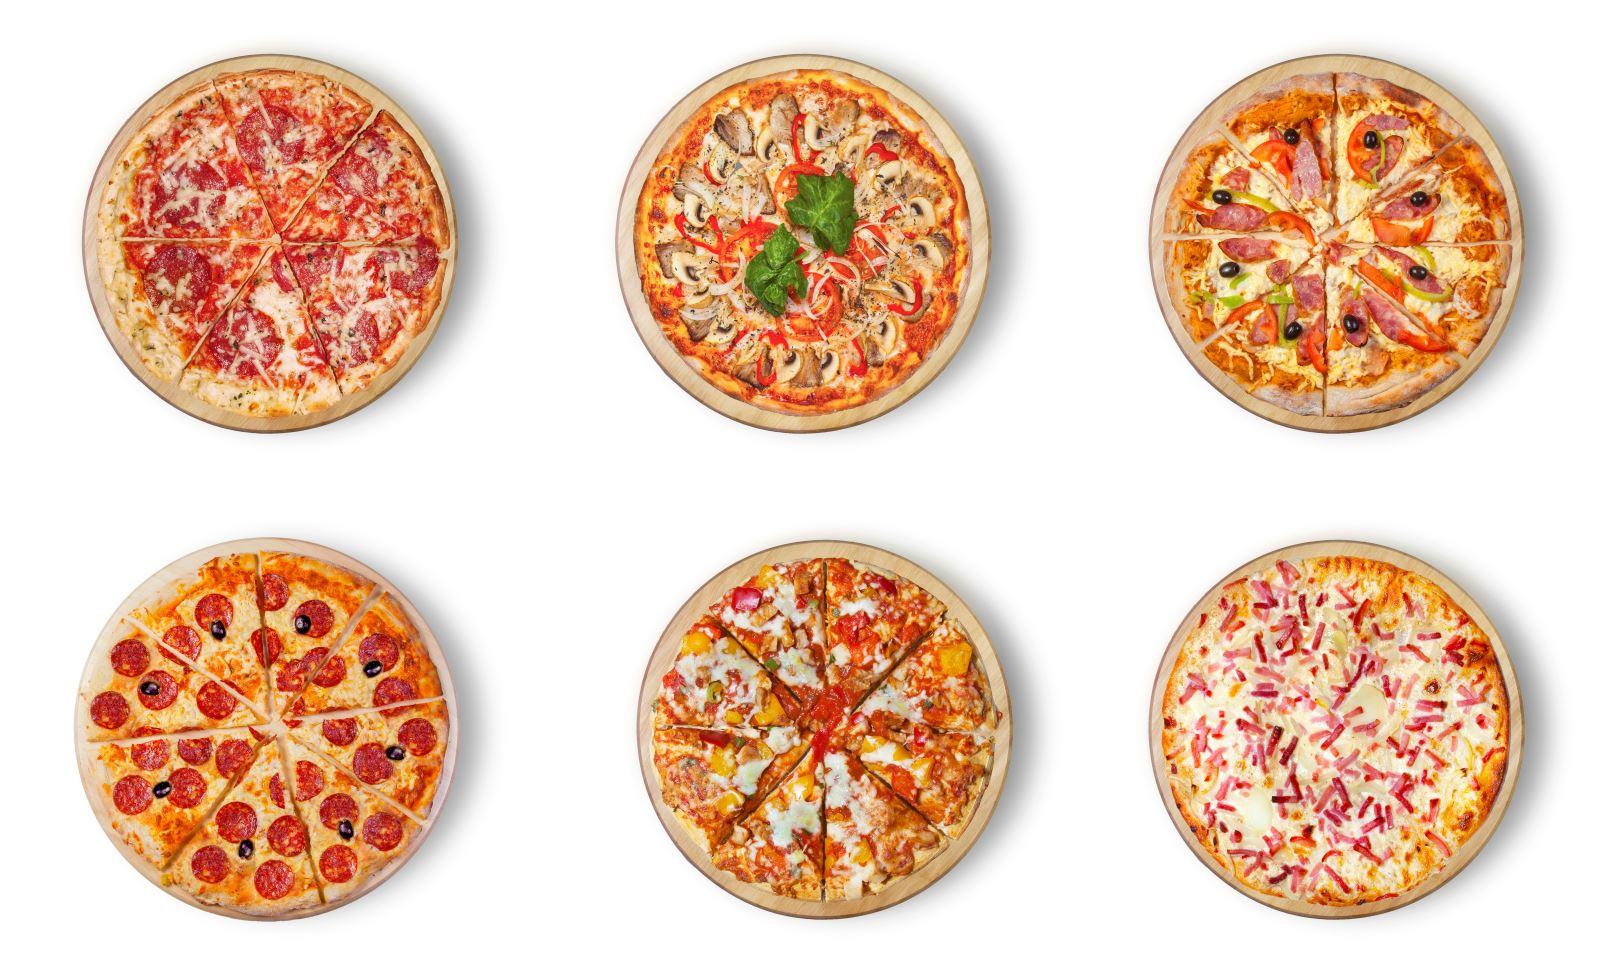 dei piatti con delle pizze di diversi gusti